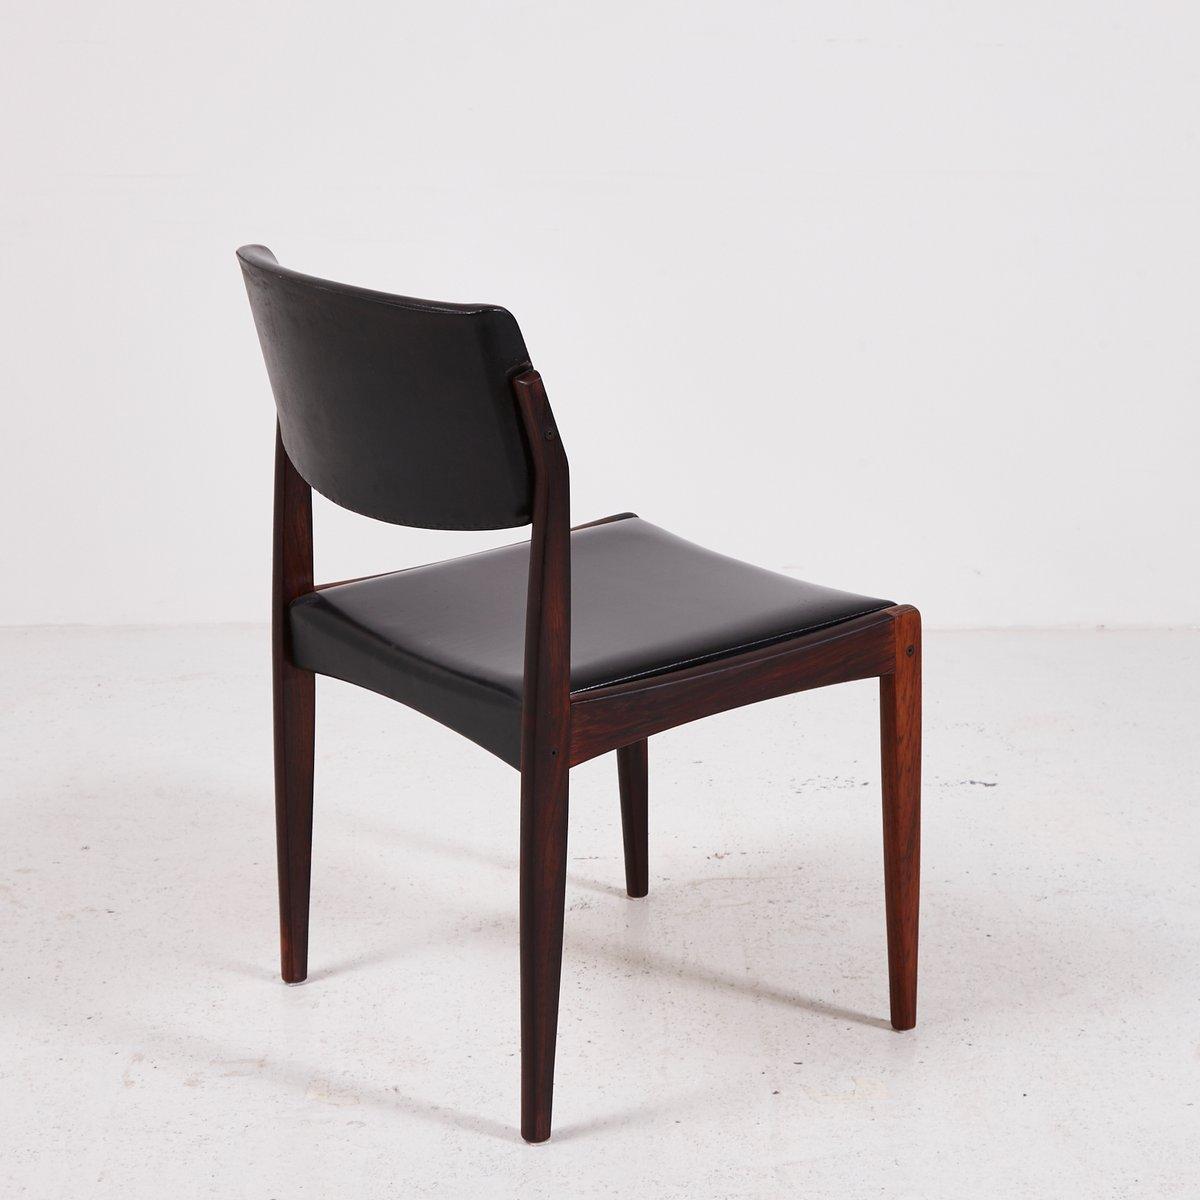 Sedia anni 39 70 in vendita su pamono for Sedia design anni 70